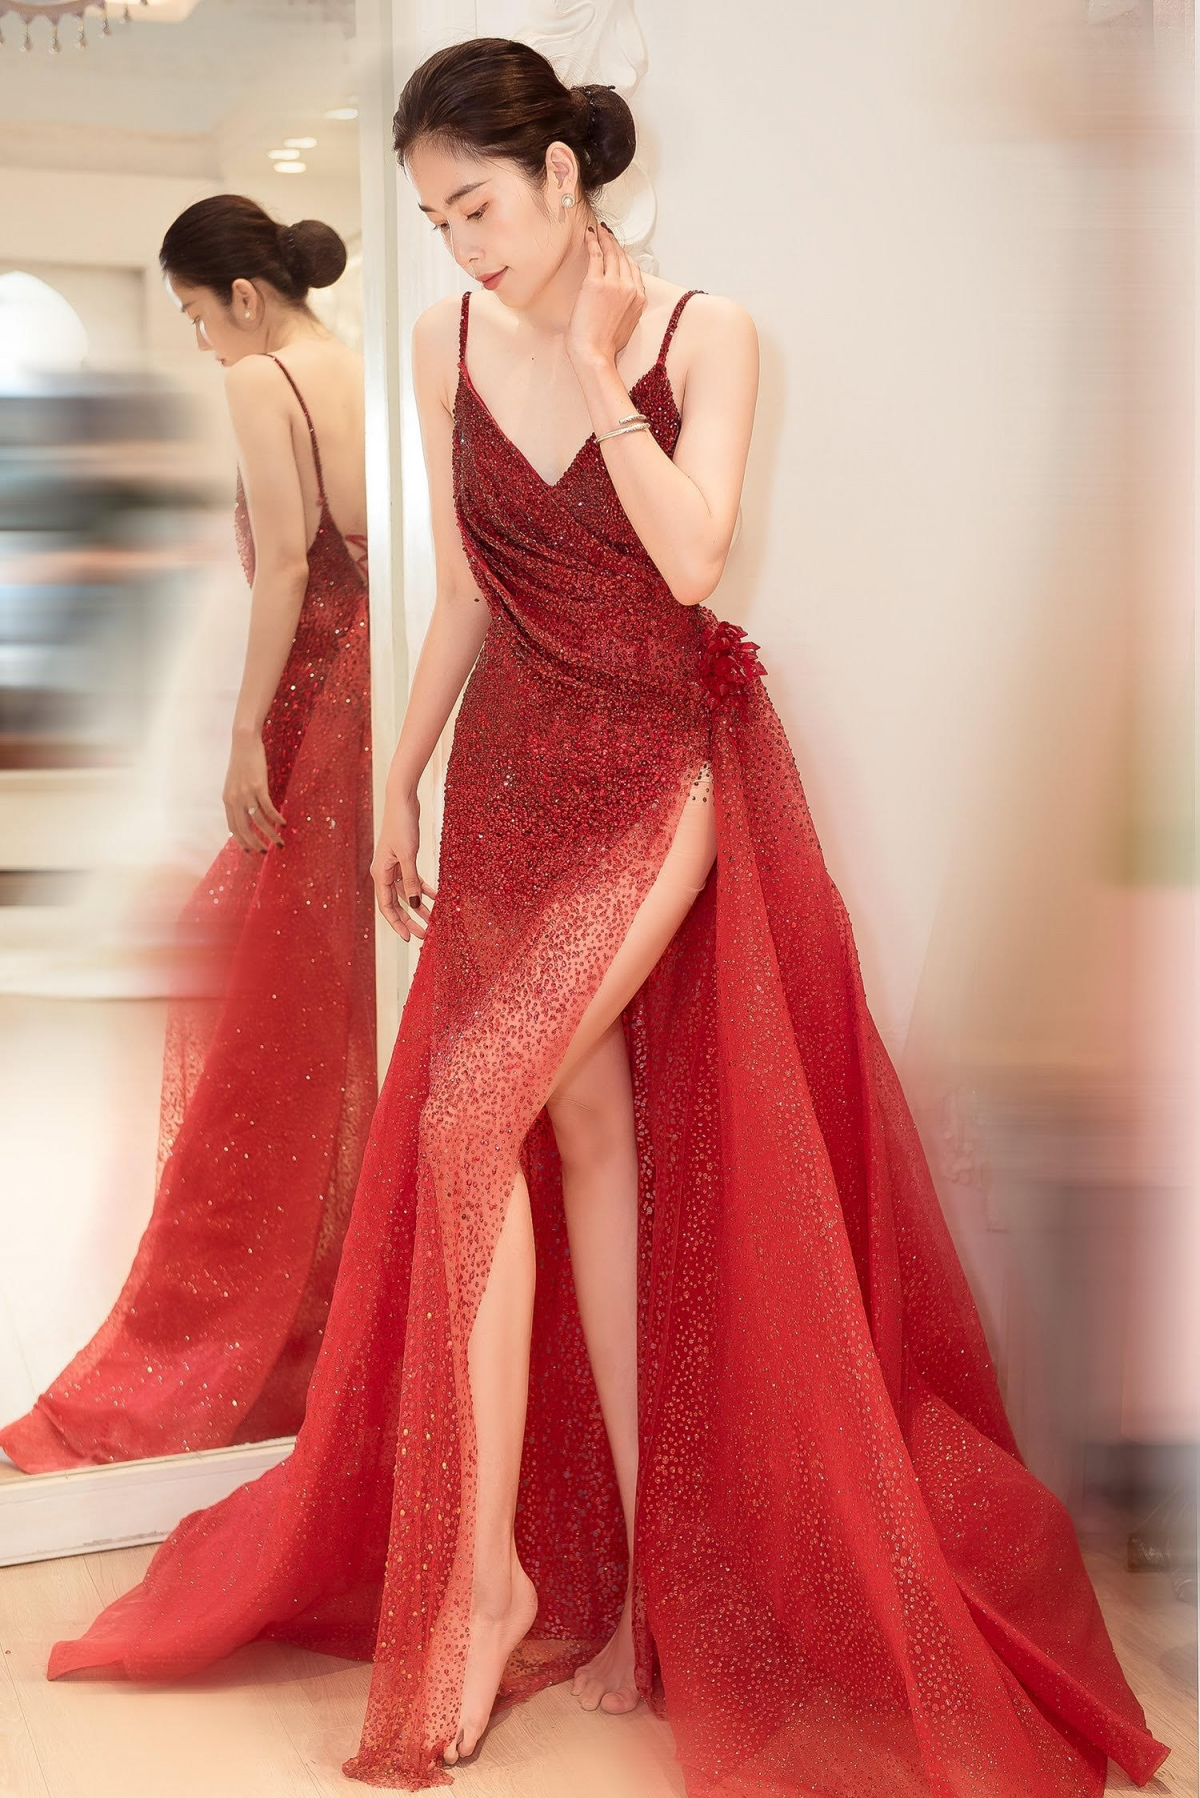 Bộ váy có phần xẻ tà giúp người mặc khoe khéo đôi chân và phần khoét sâu ở ngực áo làm tăng thêm nét cuốn hút khi mặc.